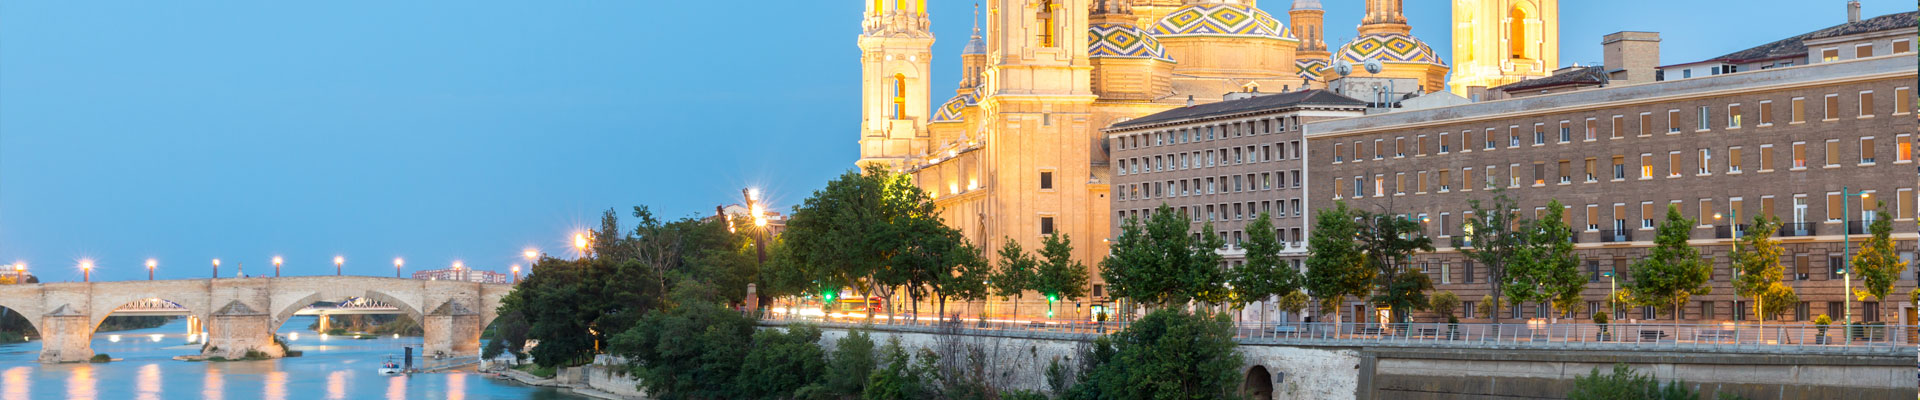 Curso de bolsa en Zaragoza